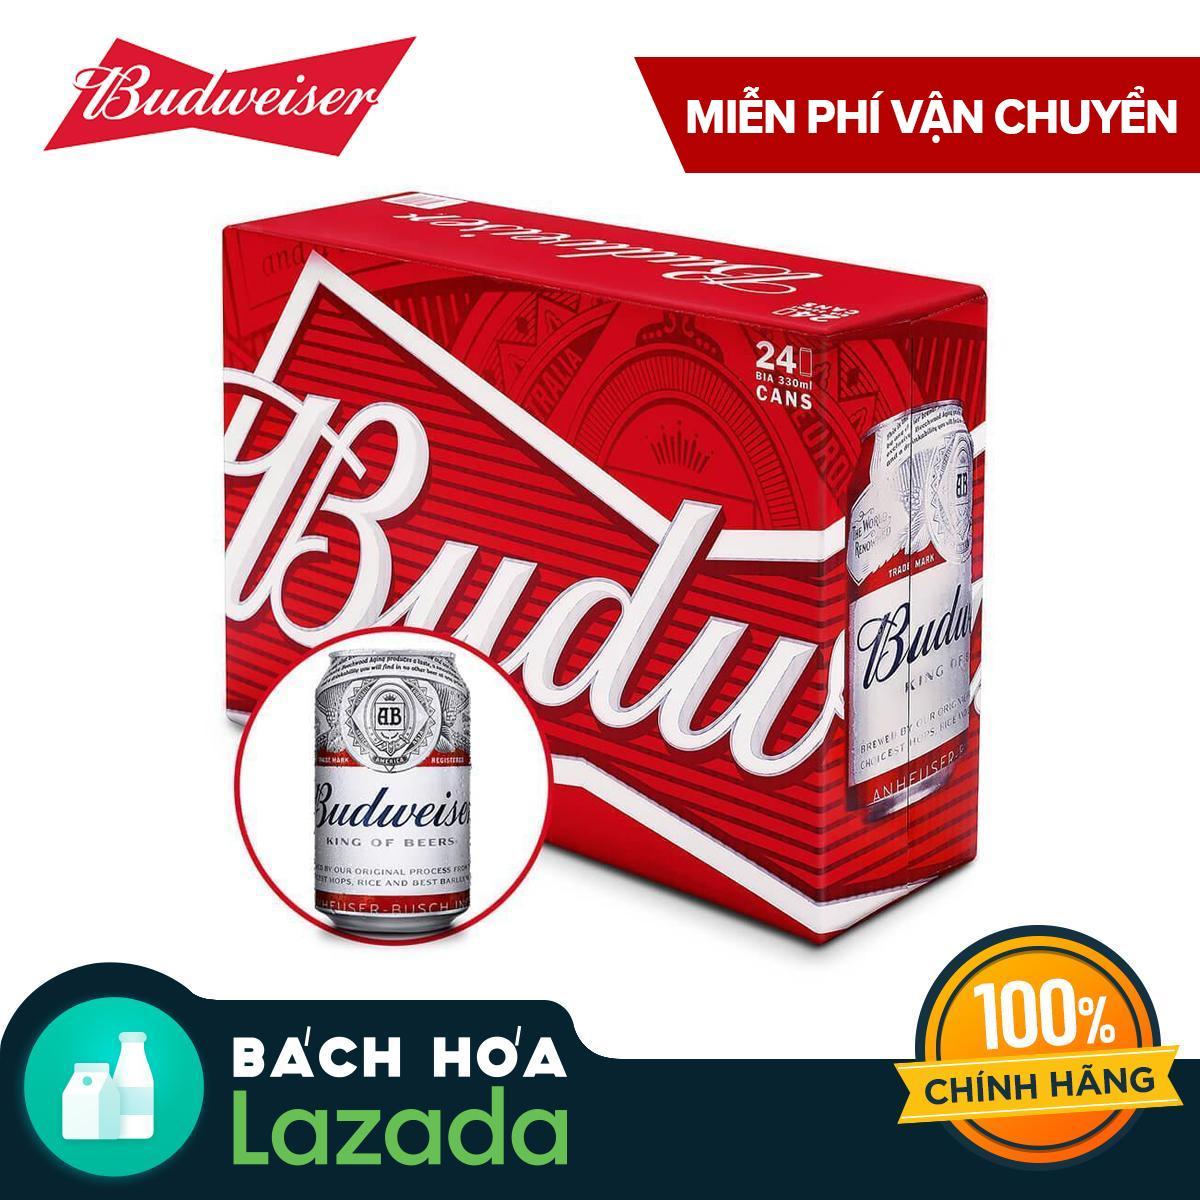 Thùng 24 Lon Bia Budweiser 330ml Đang Trong Dịp Khuyến Mãi